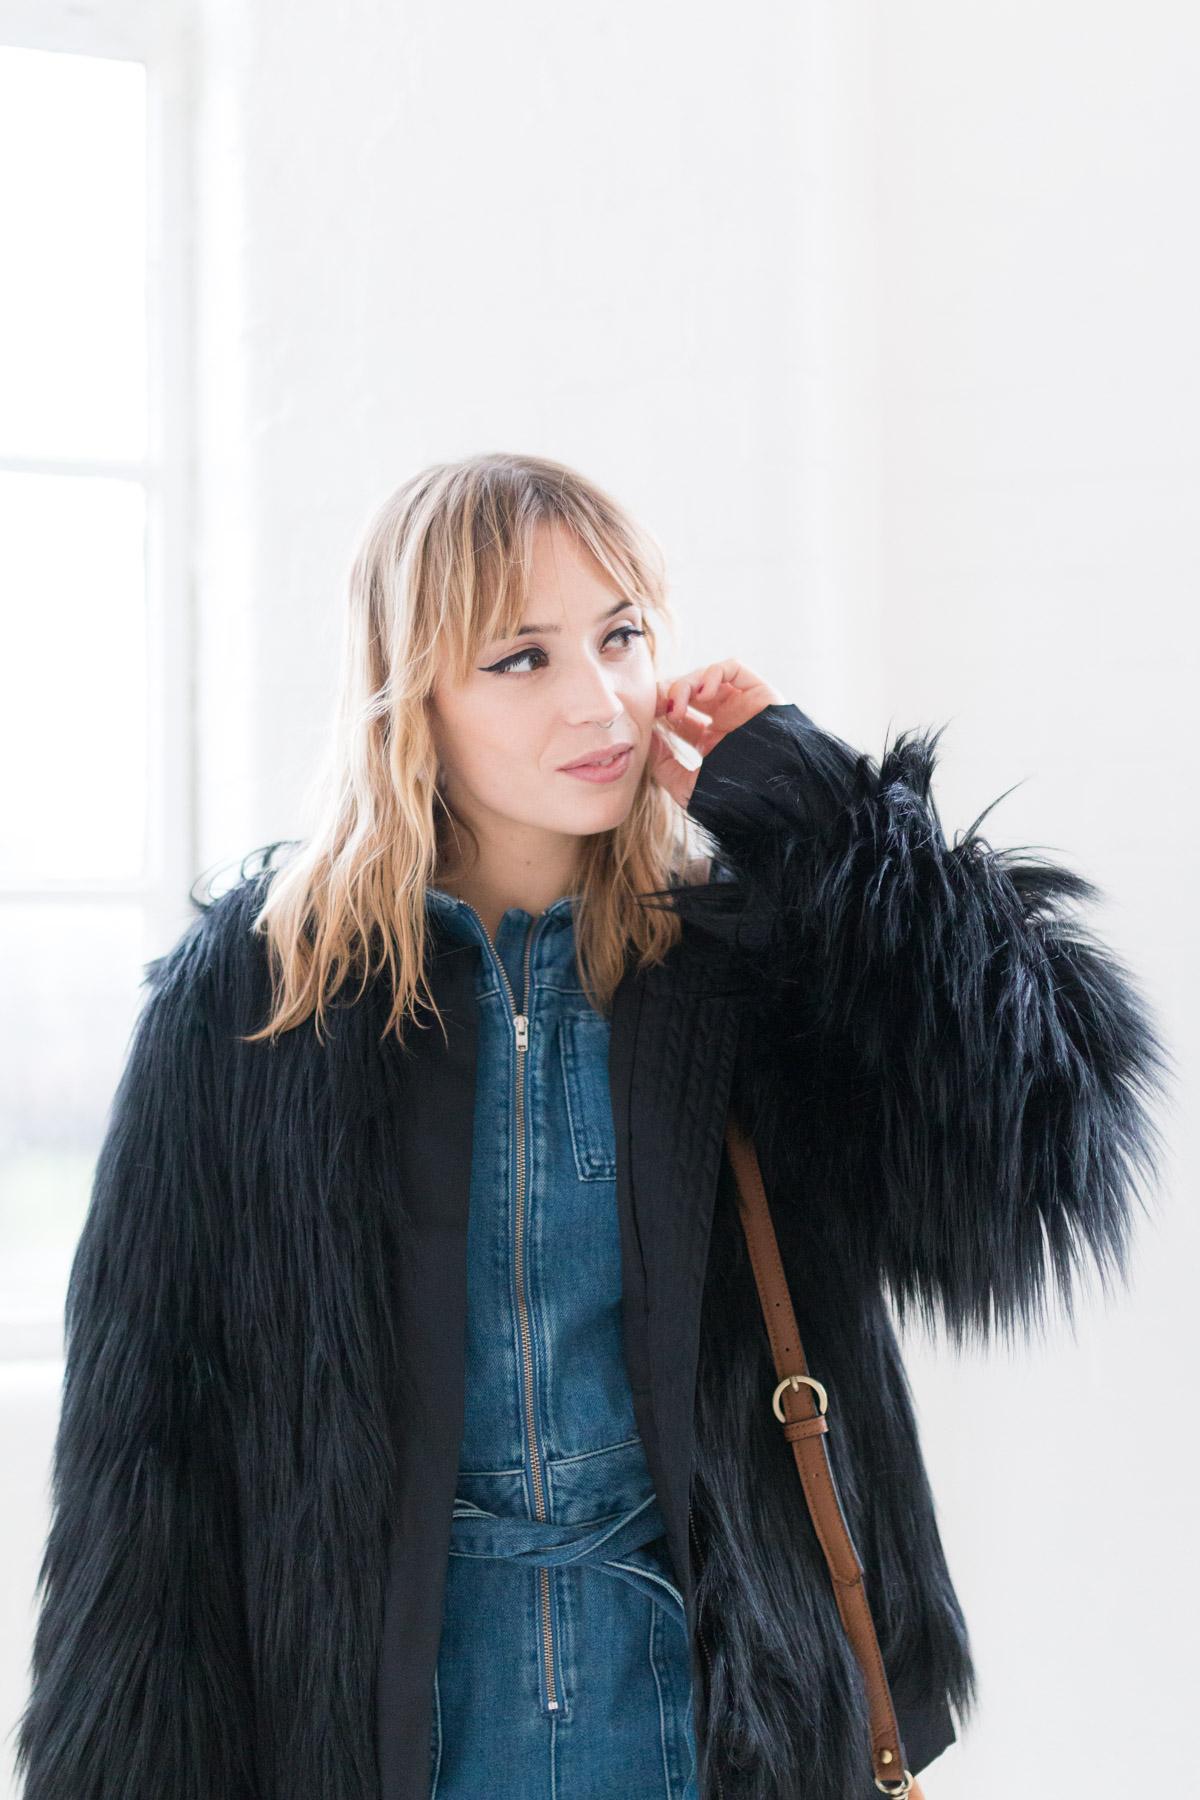 Combinaison en jean et manteau fausse fourrure I Sp4nkblog-11